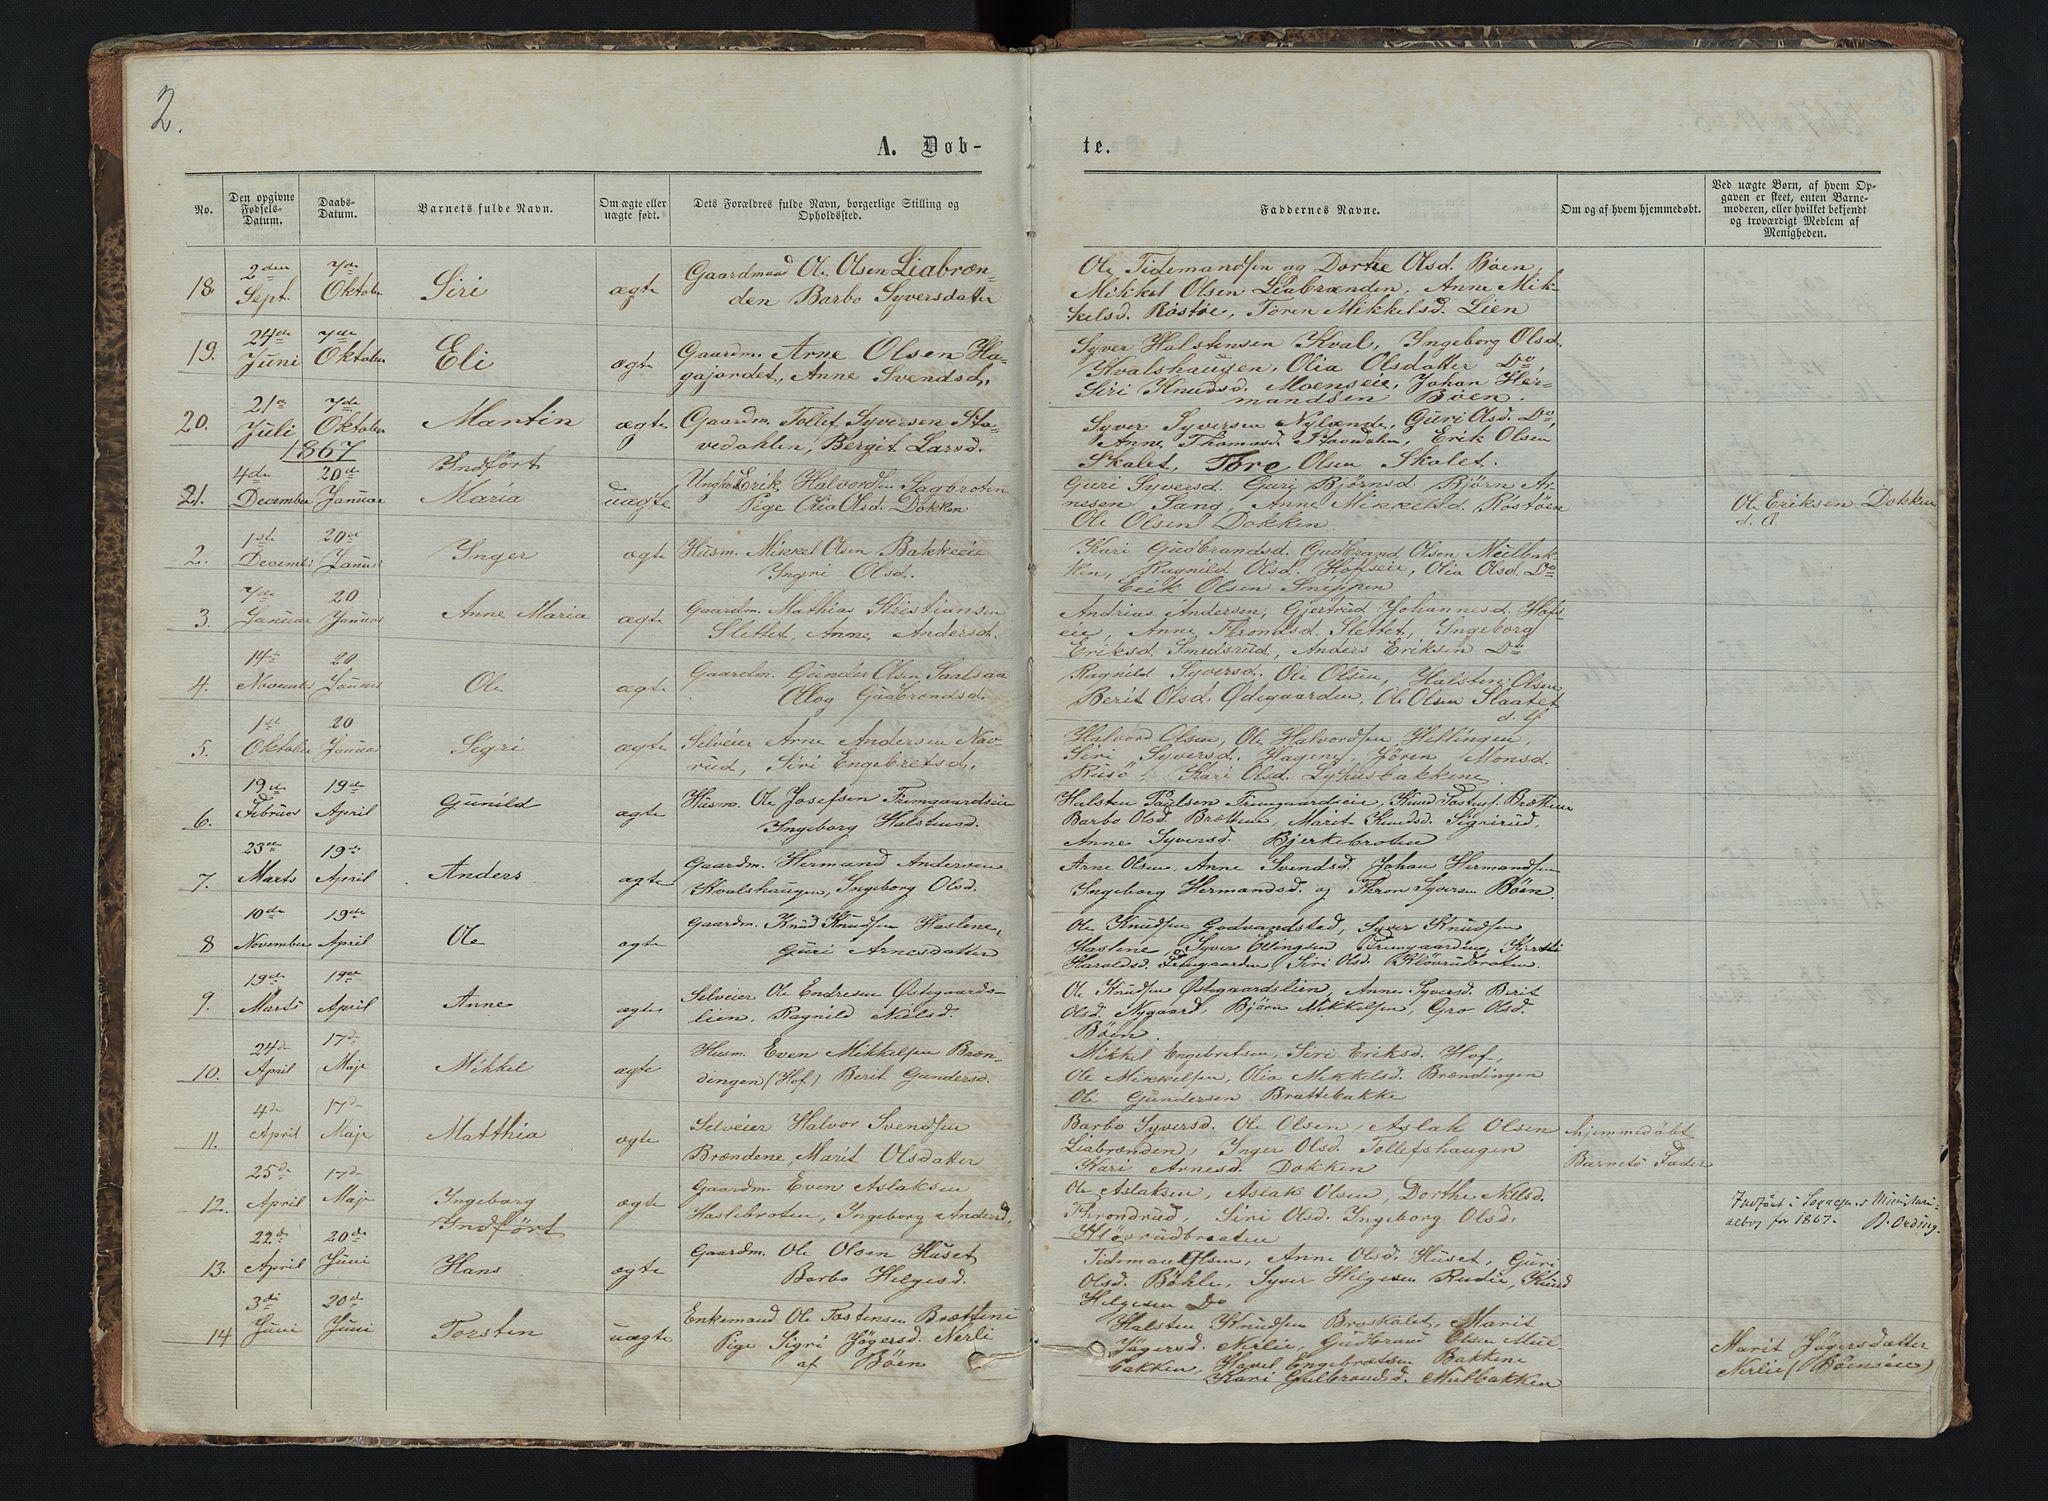 SAH, Sør-Aurdal prestekontor, Klokkerbok nr. 6, 1866-1893, s. 2